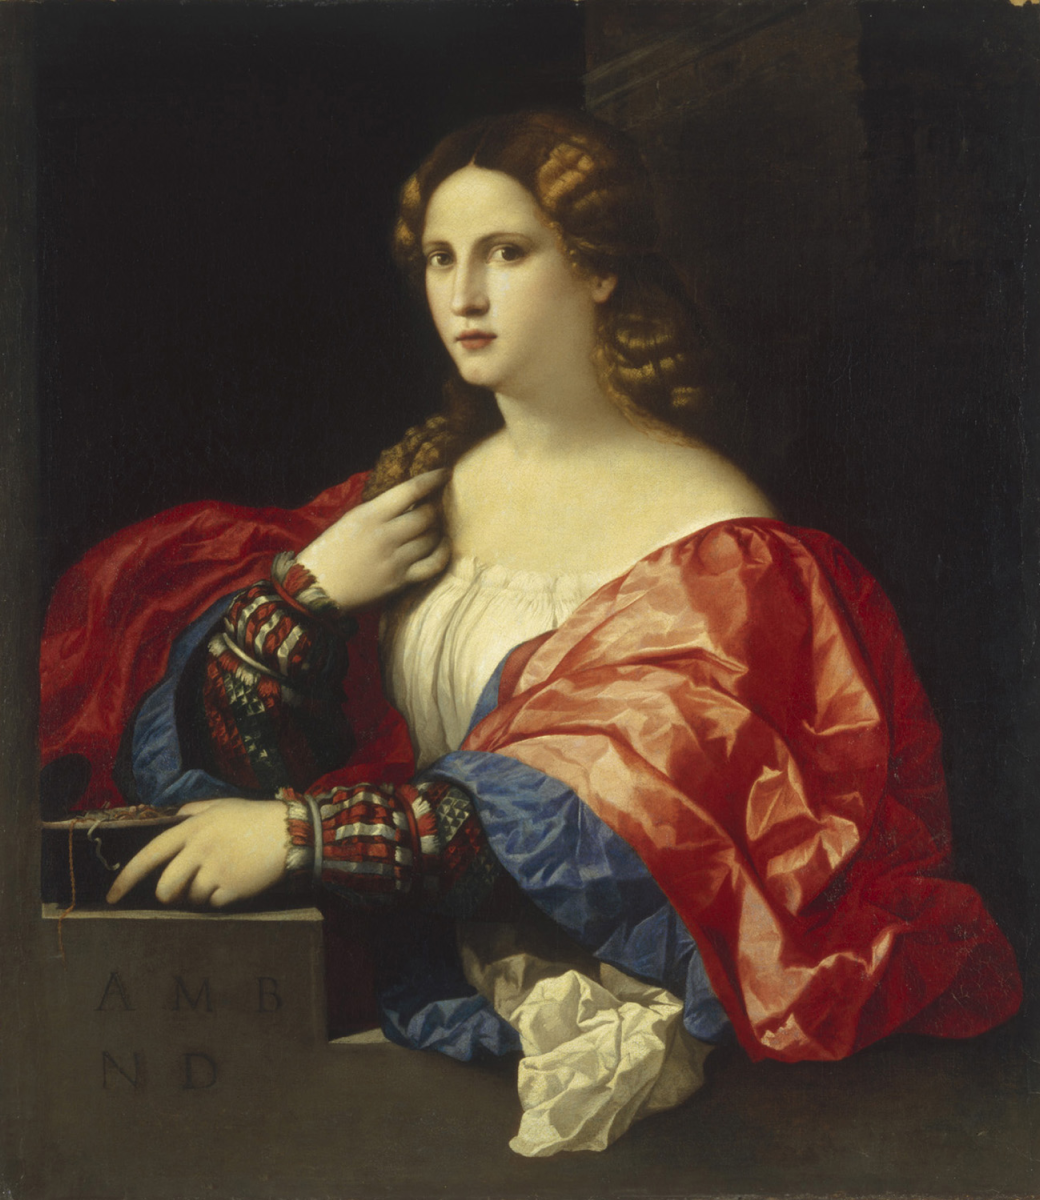 Groundbreaking Female Composer, Francesca Caccini